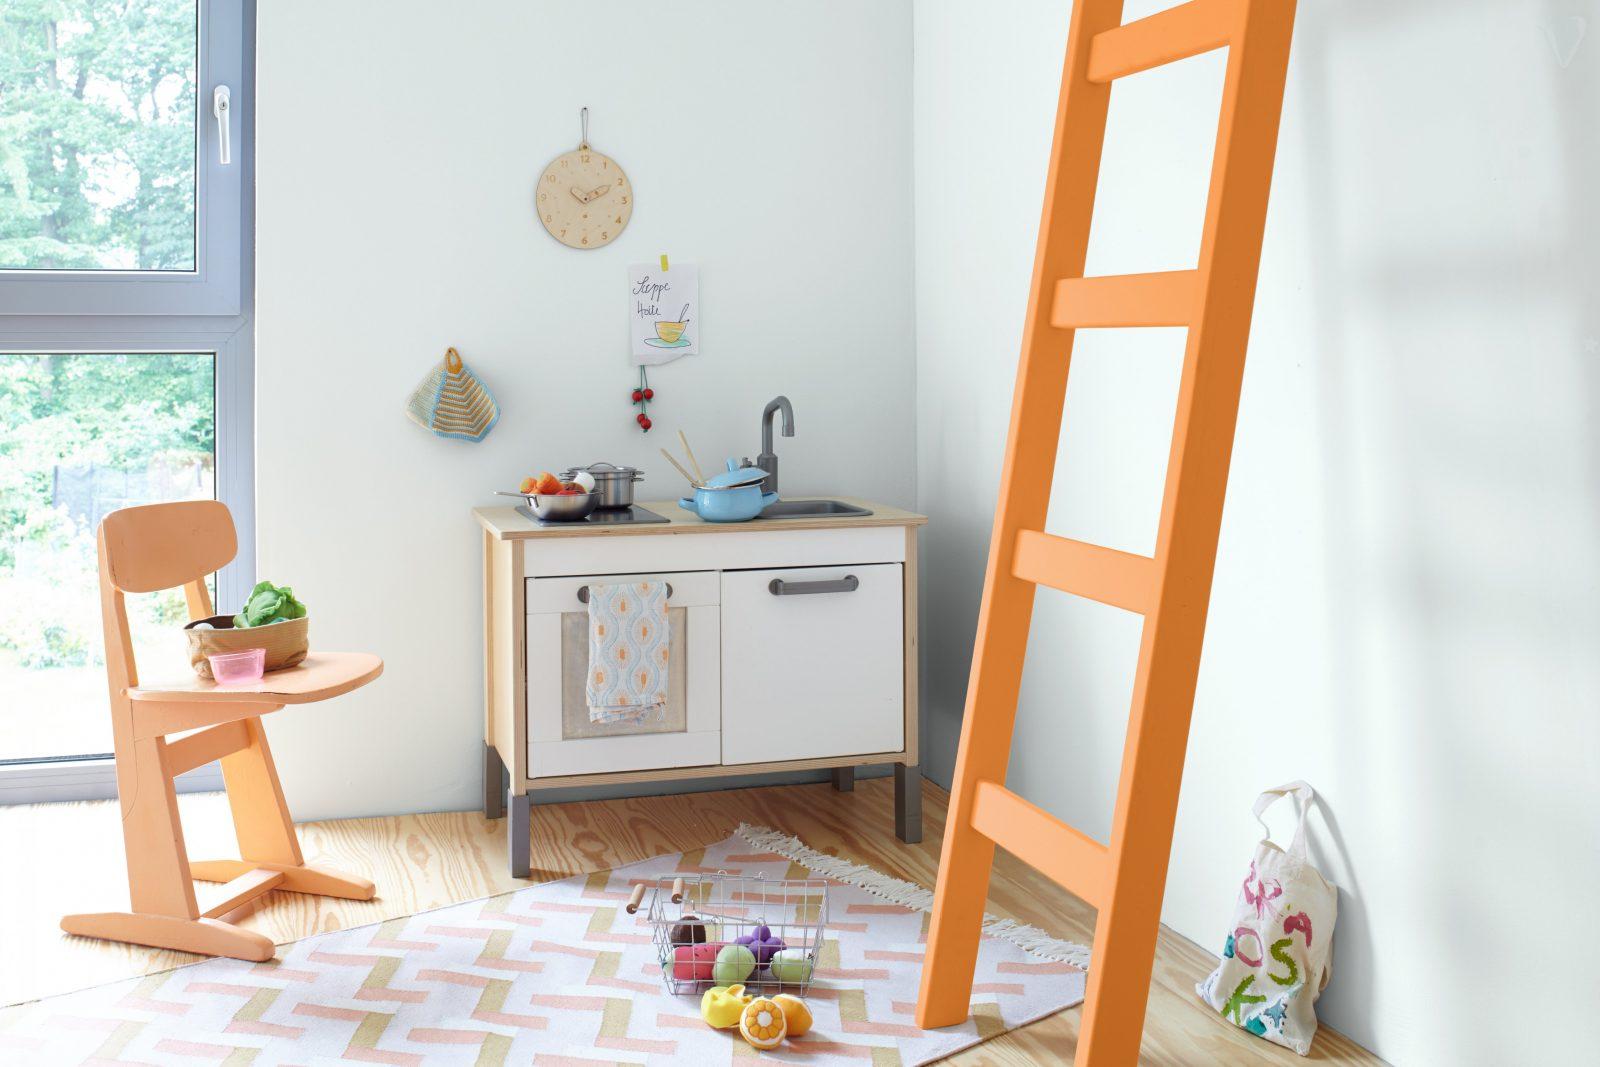 Wandgestaltung In Babyzimmer Und Kinderzimmer von Wandgestaltung Kinderzimmer Mit Farbe Bild